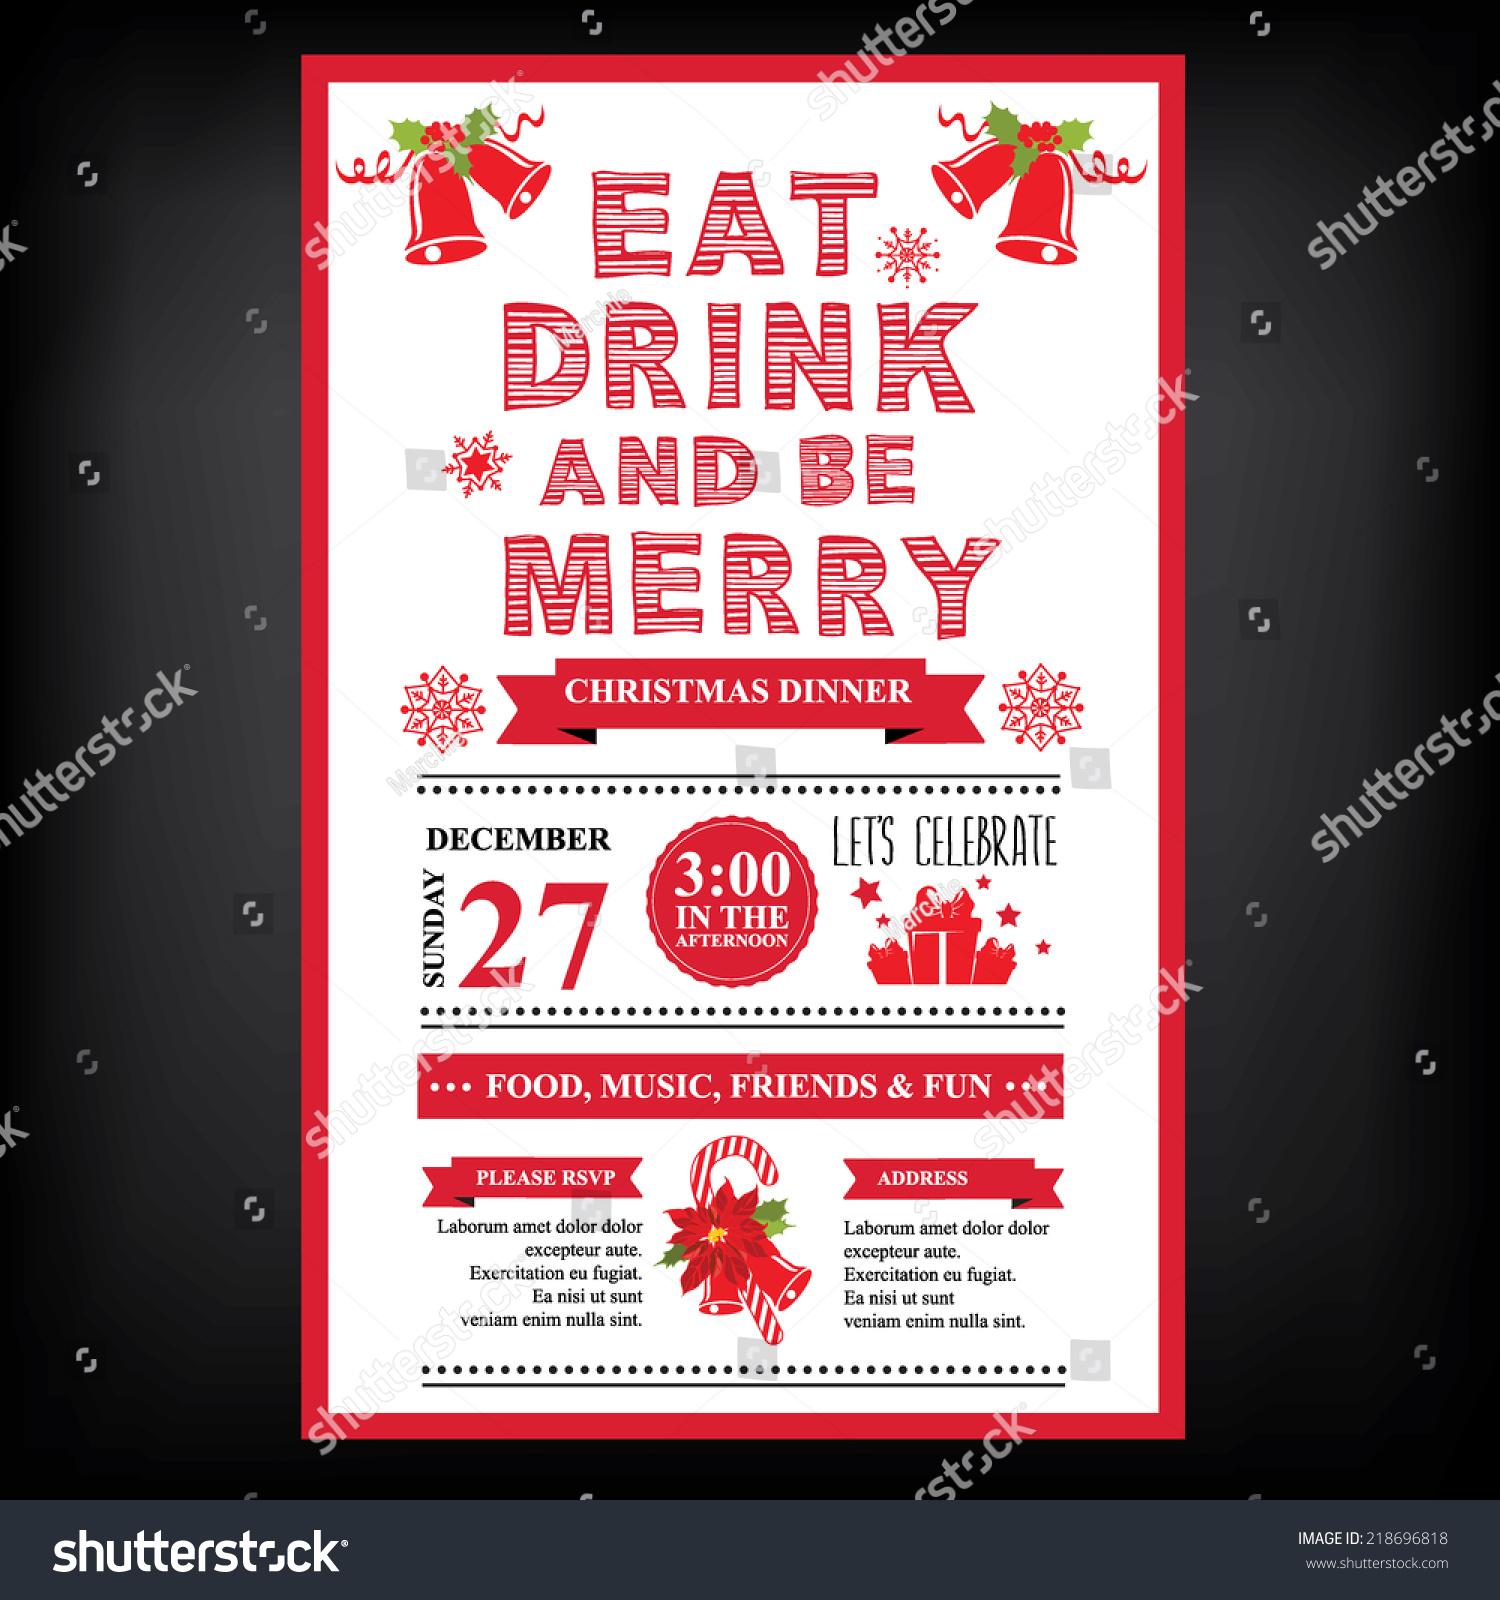 Christmas Restaurant Party Menu Invitation Stock Vector 218696818 Shutterstock